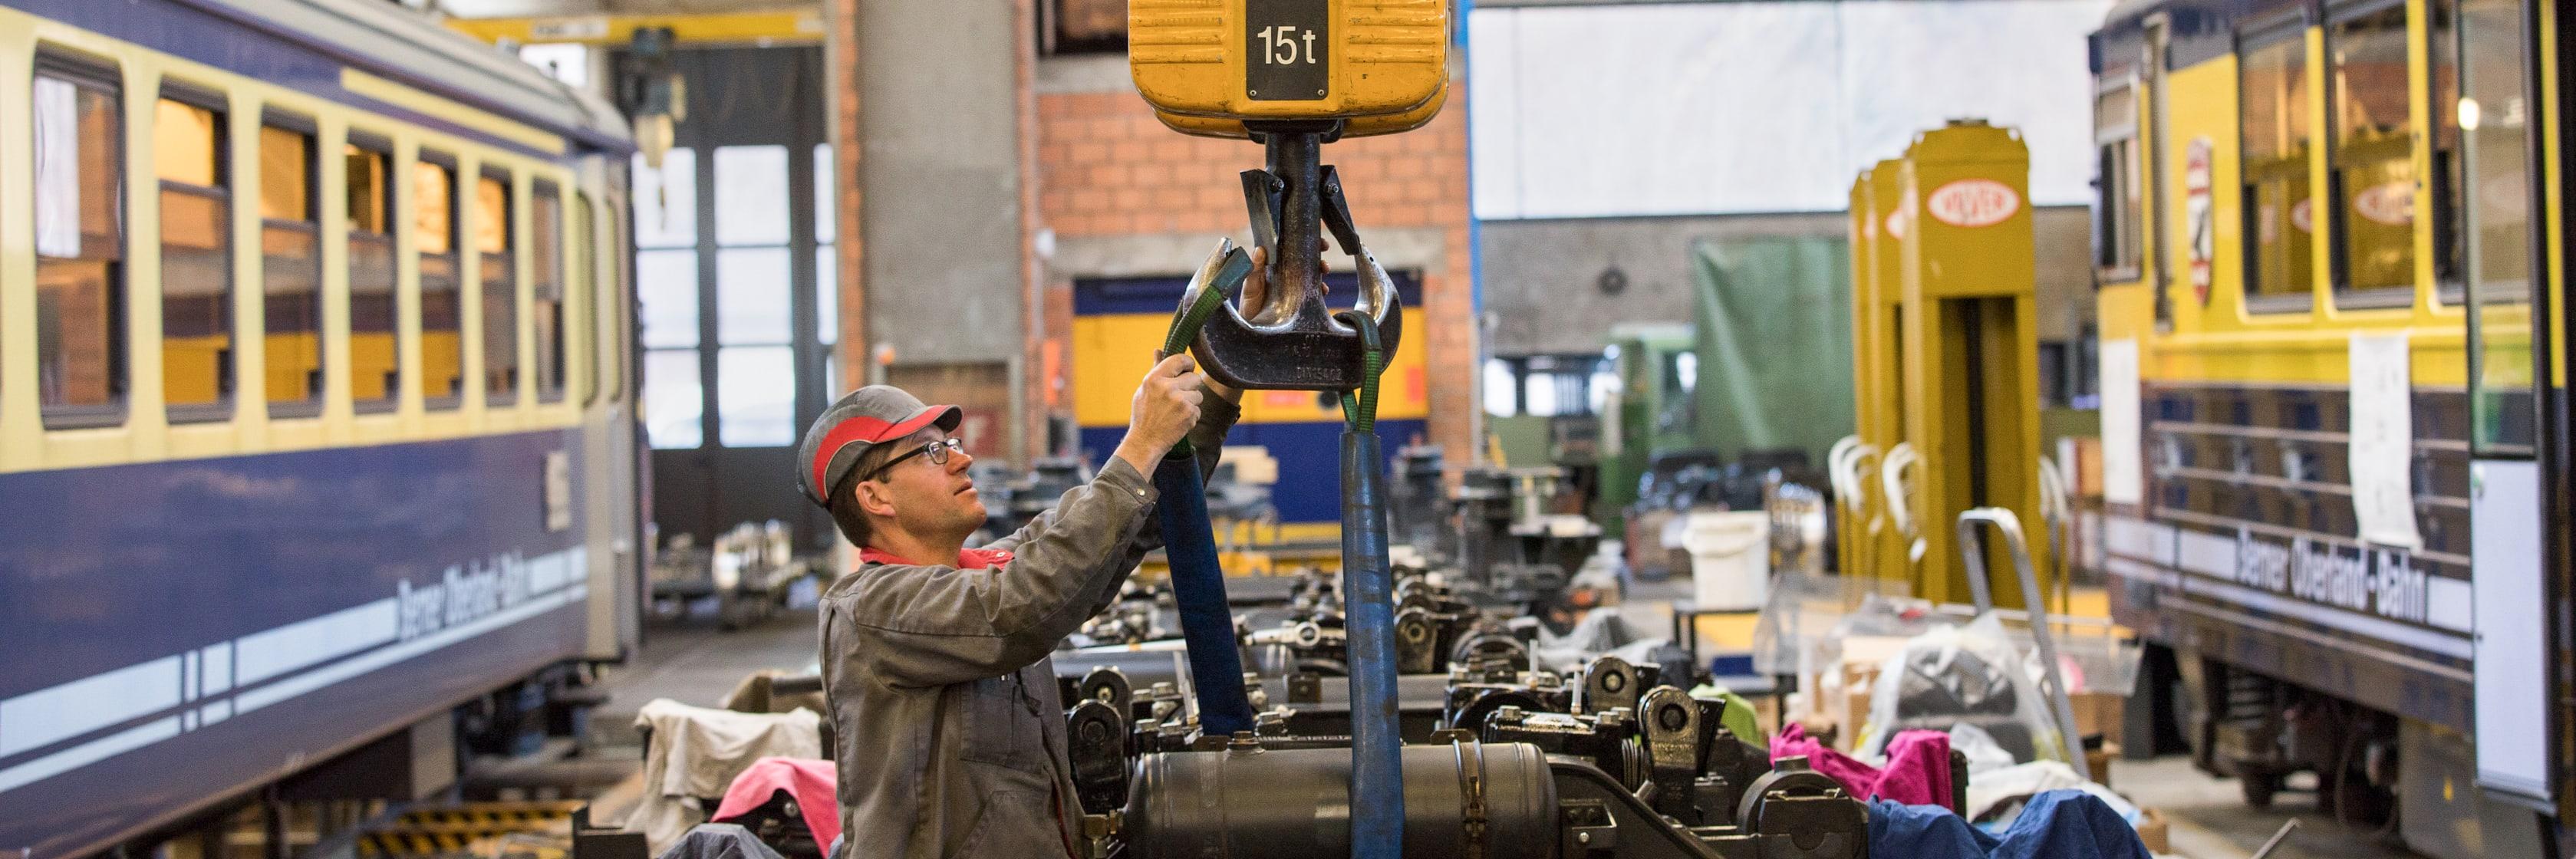 Mechaniker Jungfraubahnen Danie Seematter 1